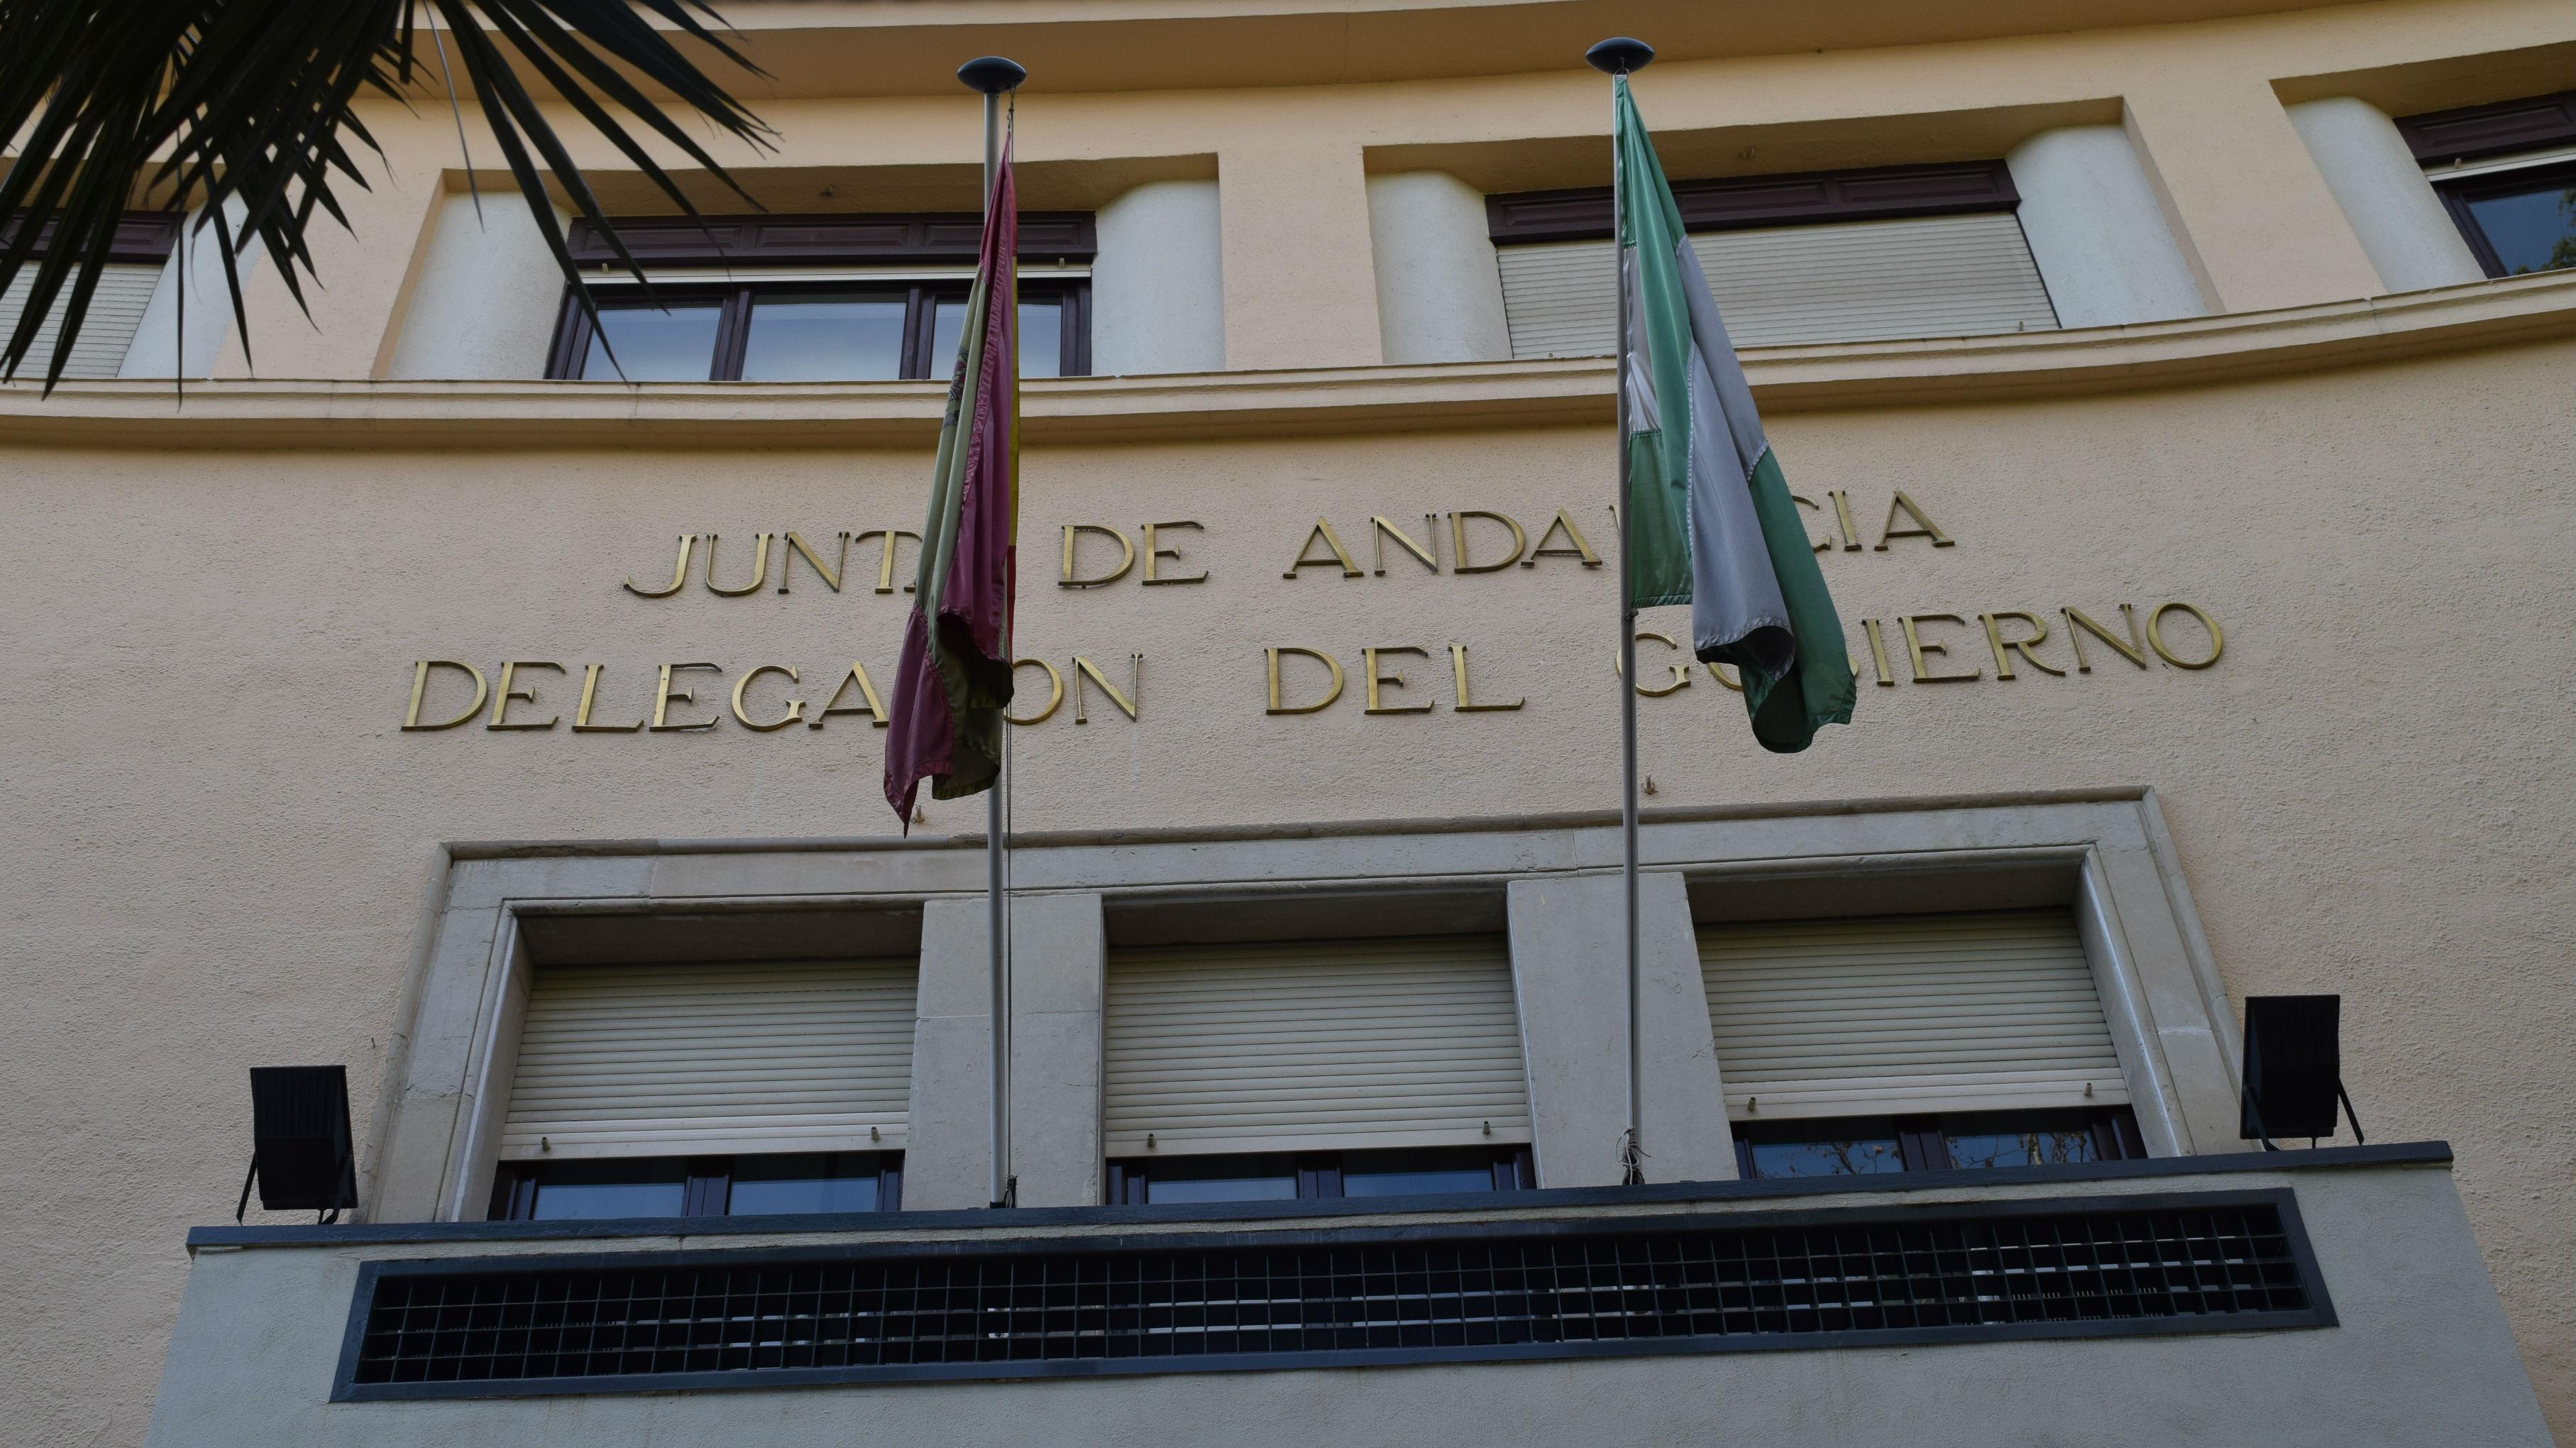 Sede de la Delegación del Gobierno de la Junta de Andalucía en Jaén